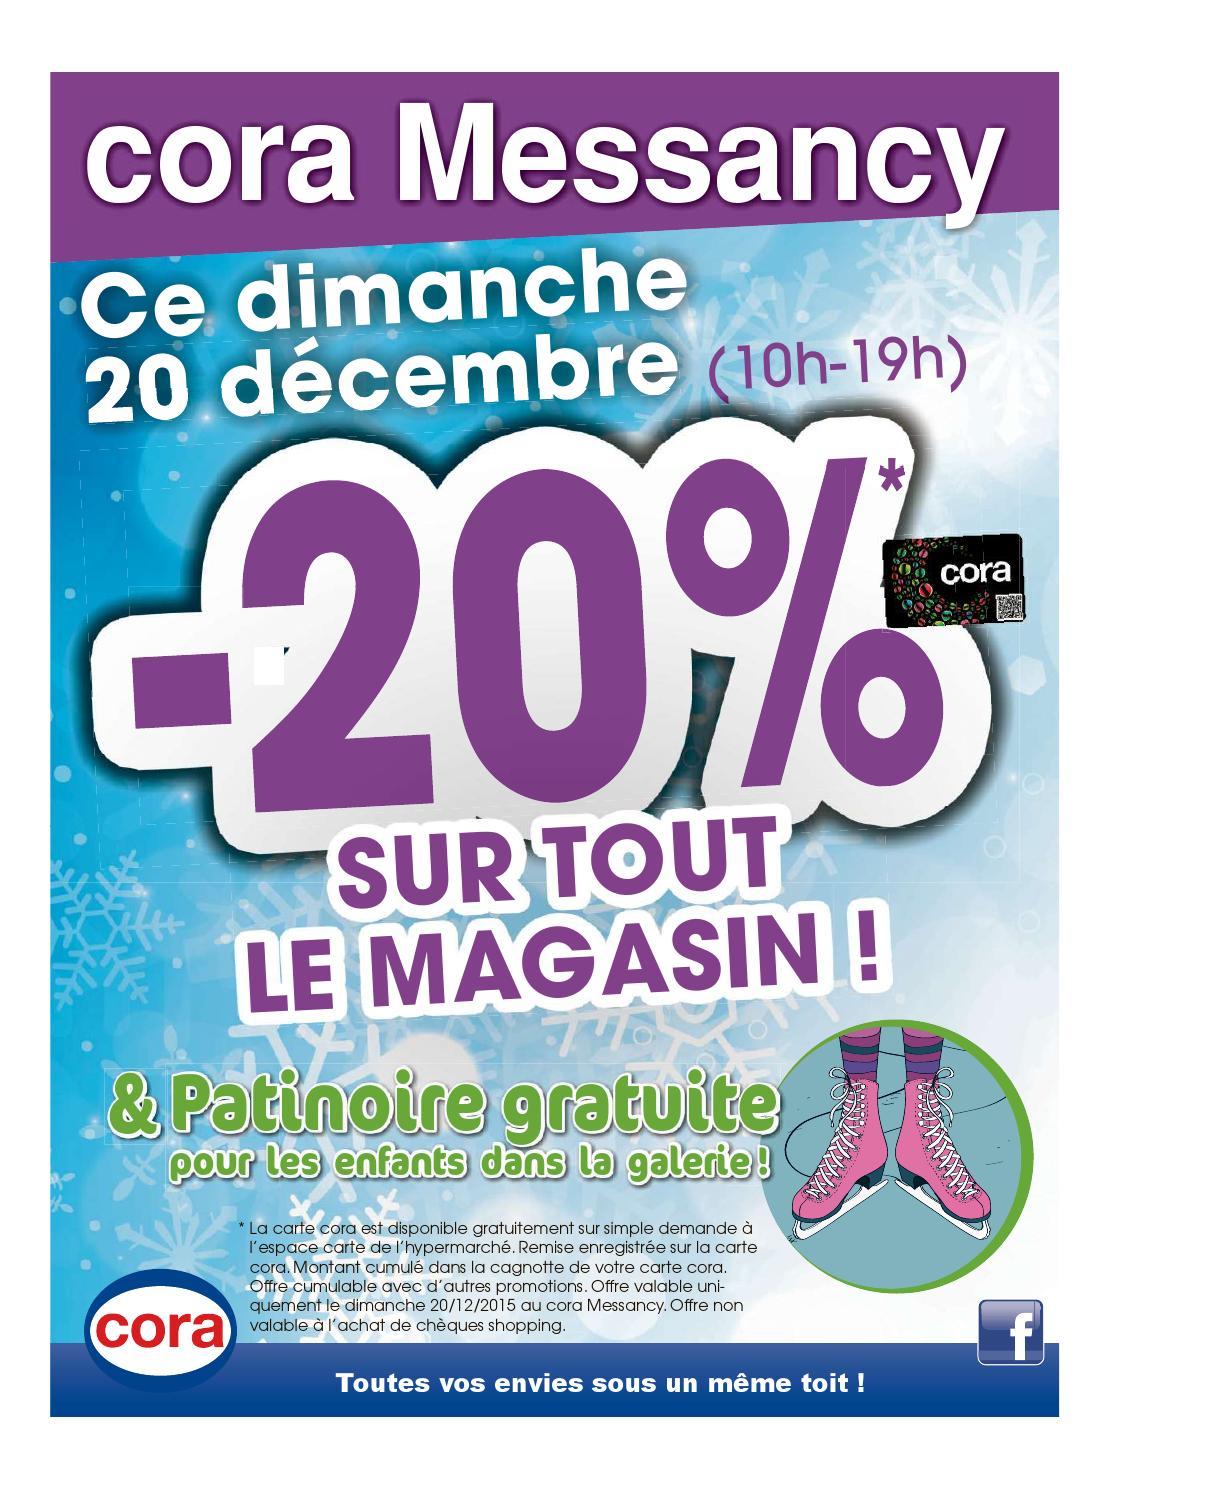 Carte Cora Messancy.L Essentiel Epaper 2015 12 18 By L Essentiel Issuu